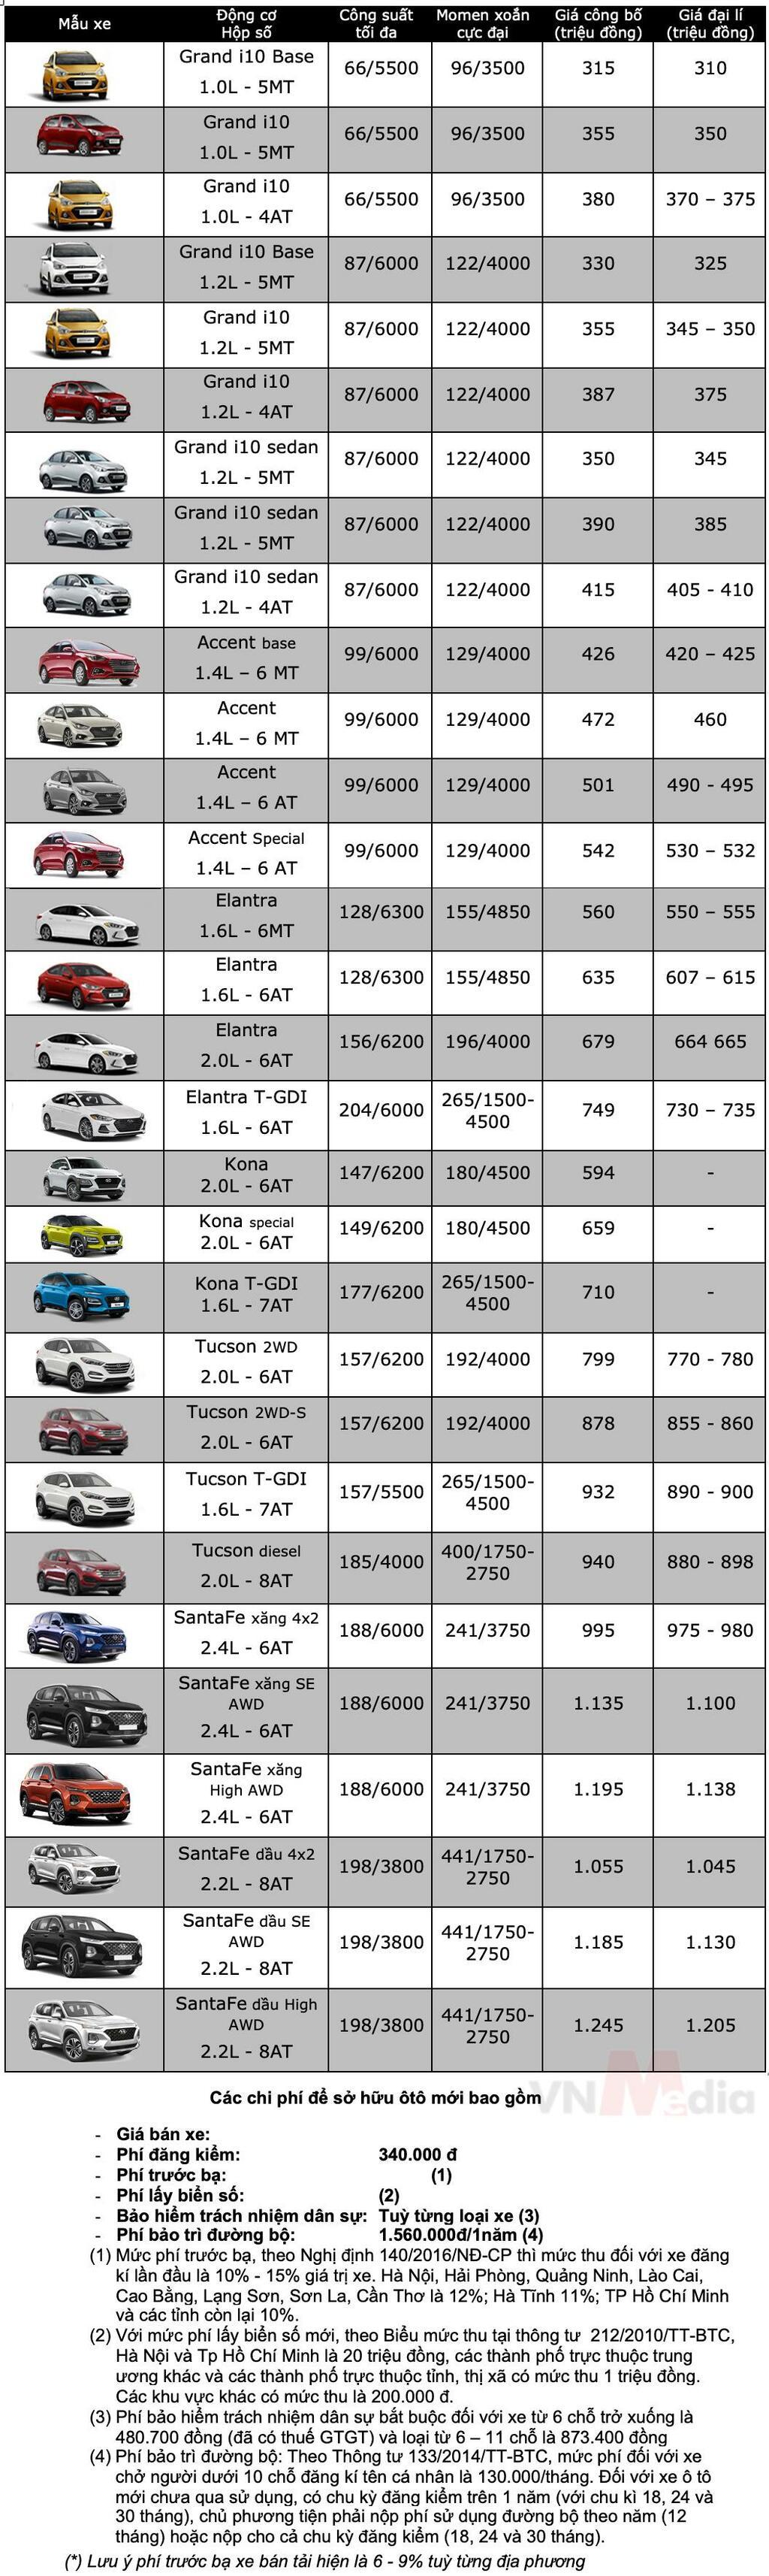 Bảng giá xe Hyundai tháng 5/2021 - ảnh 1